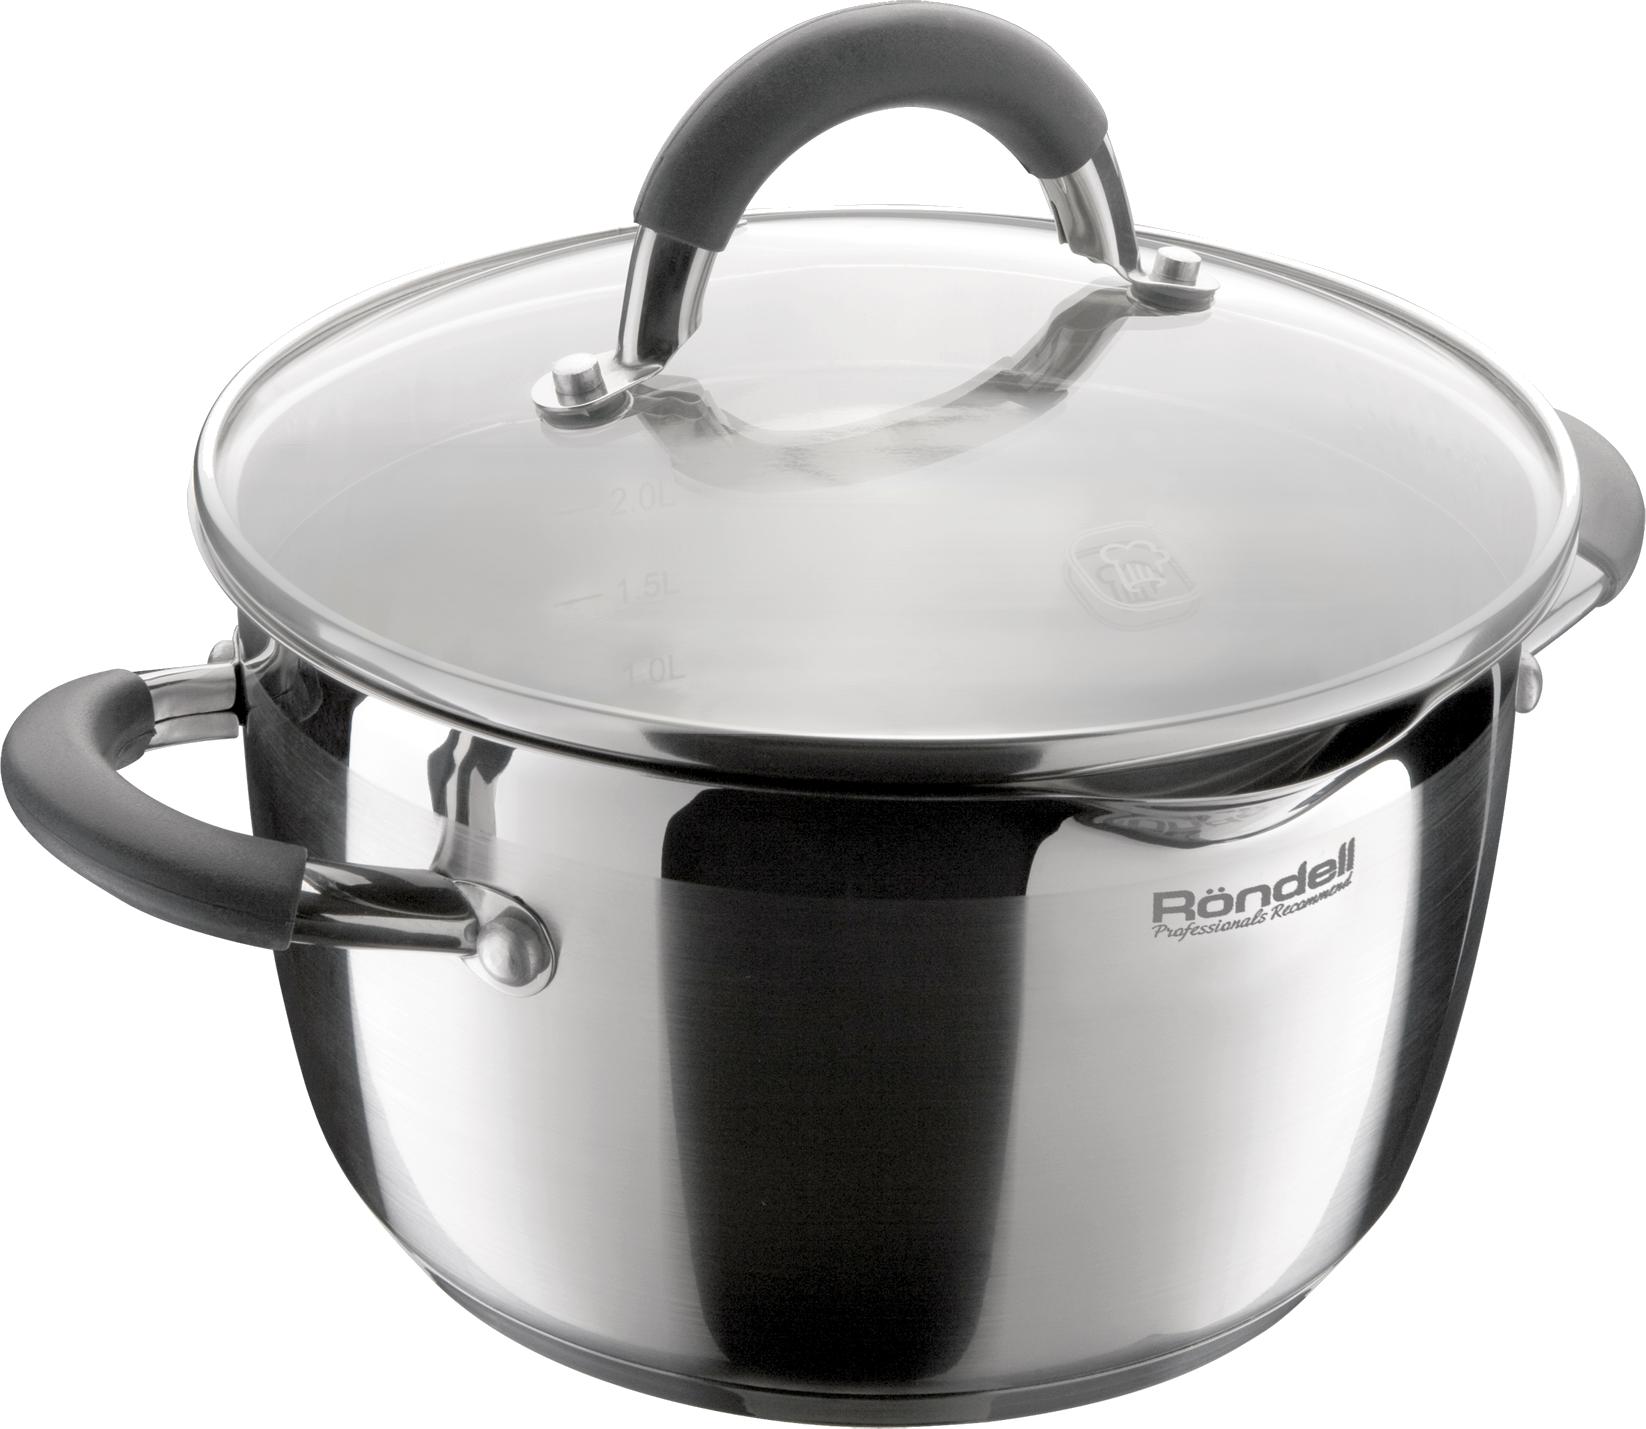 Cooking Pan Png Image